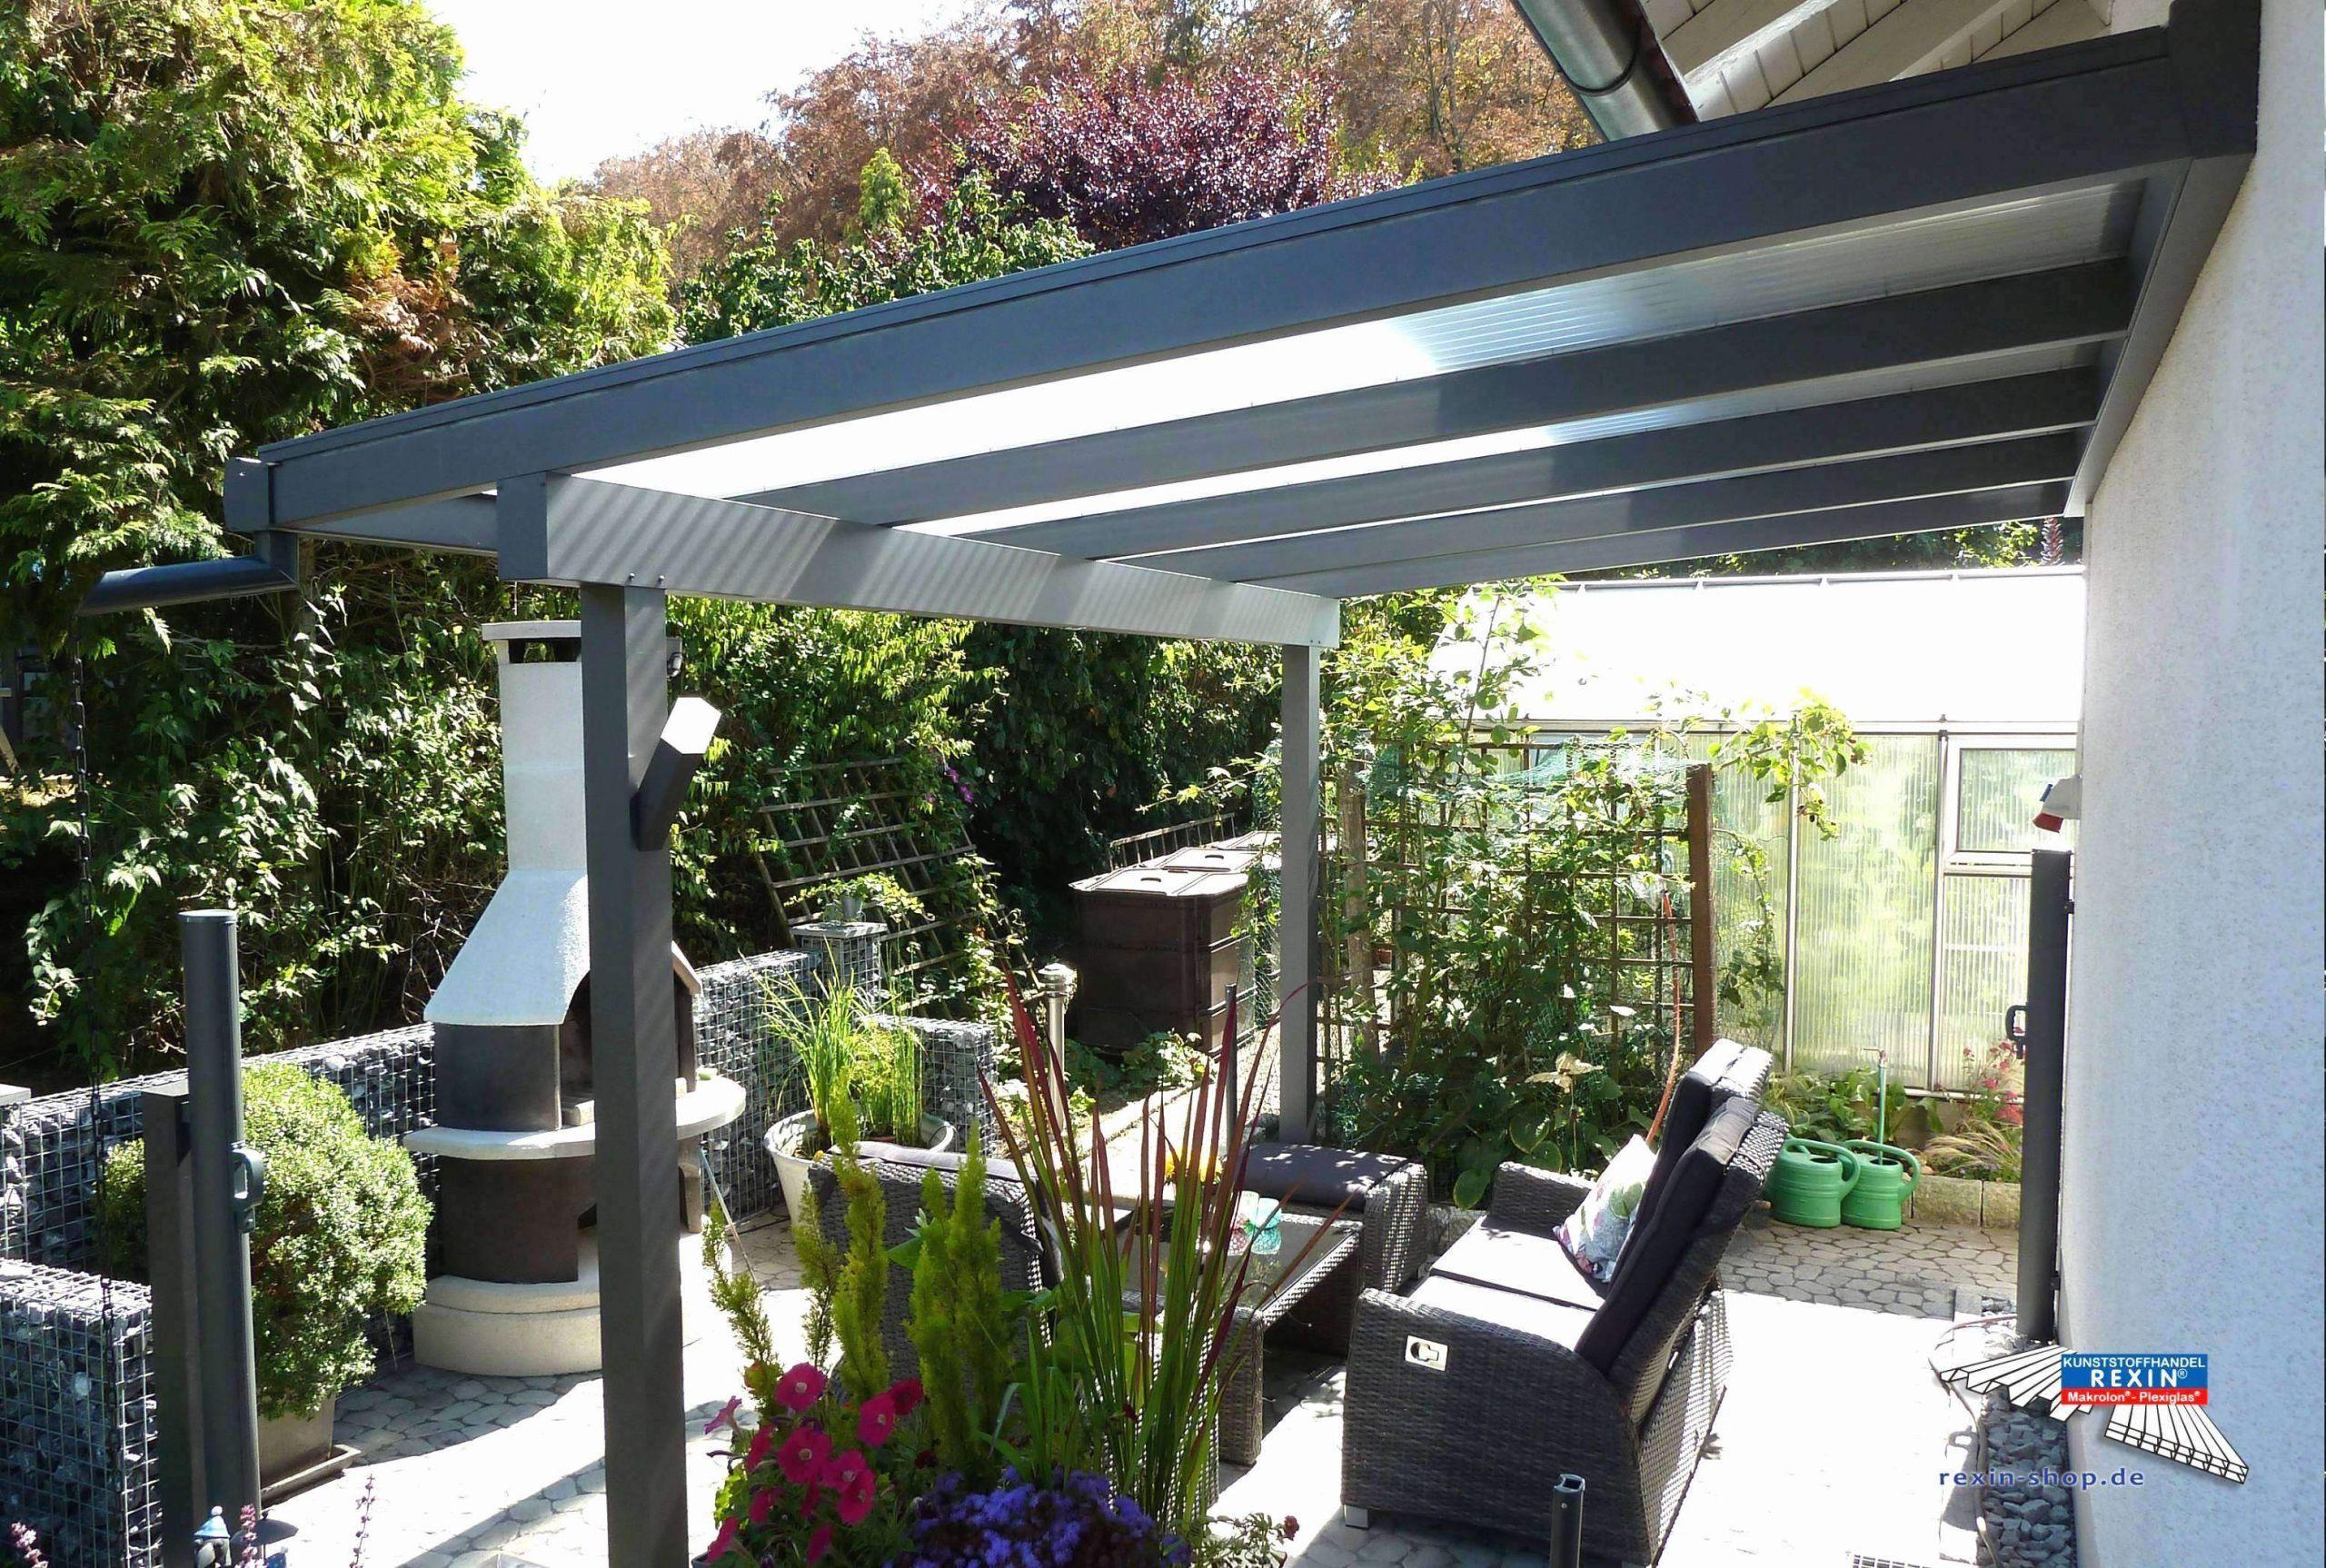 garten terrasse holz elegant paletten garten sichtschutz of garten terrasse holz scaled